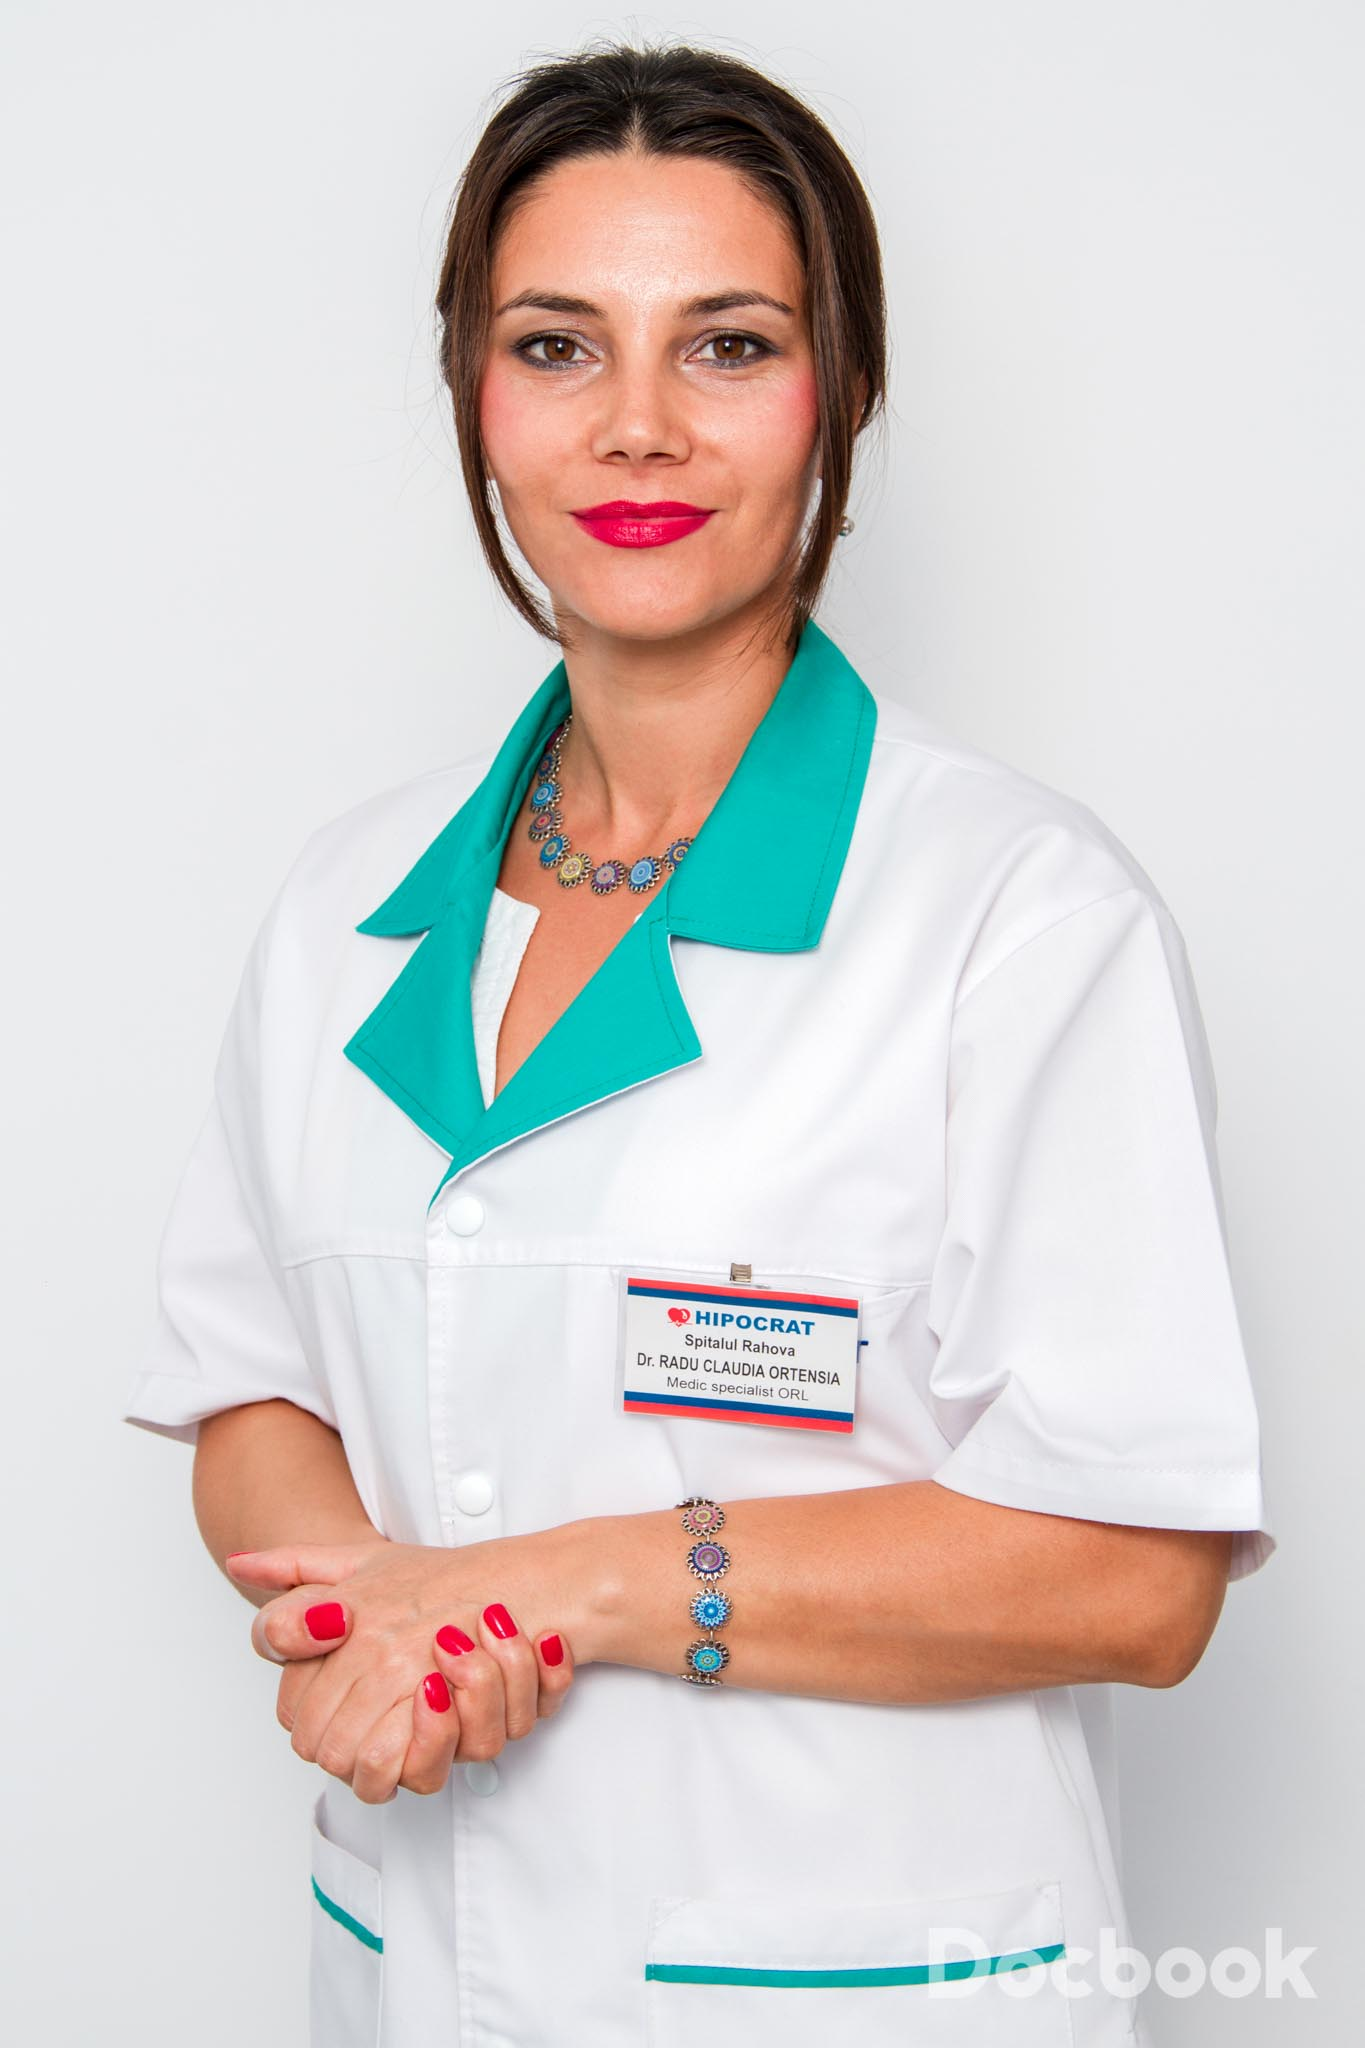 Dr. Claudia Ortensia Radu